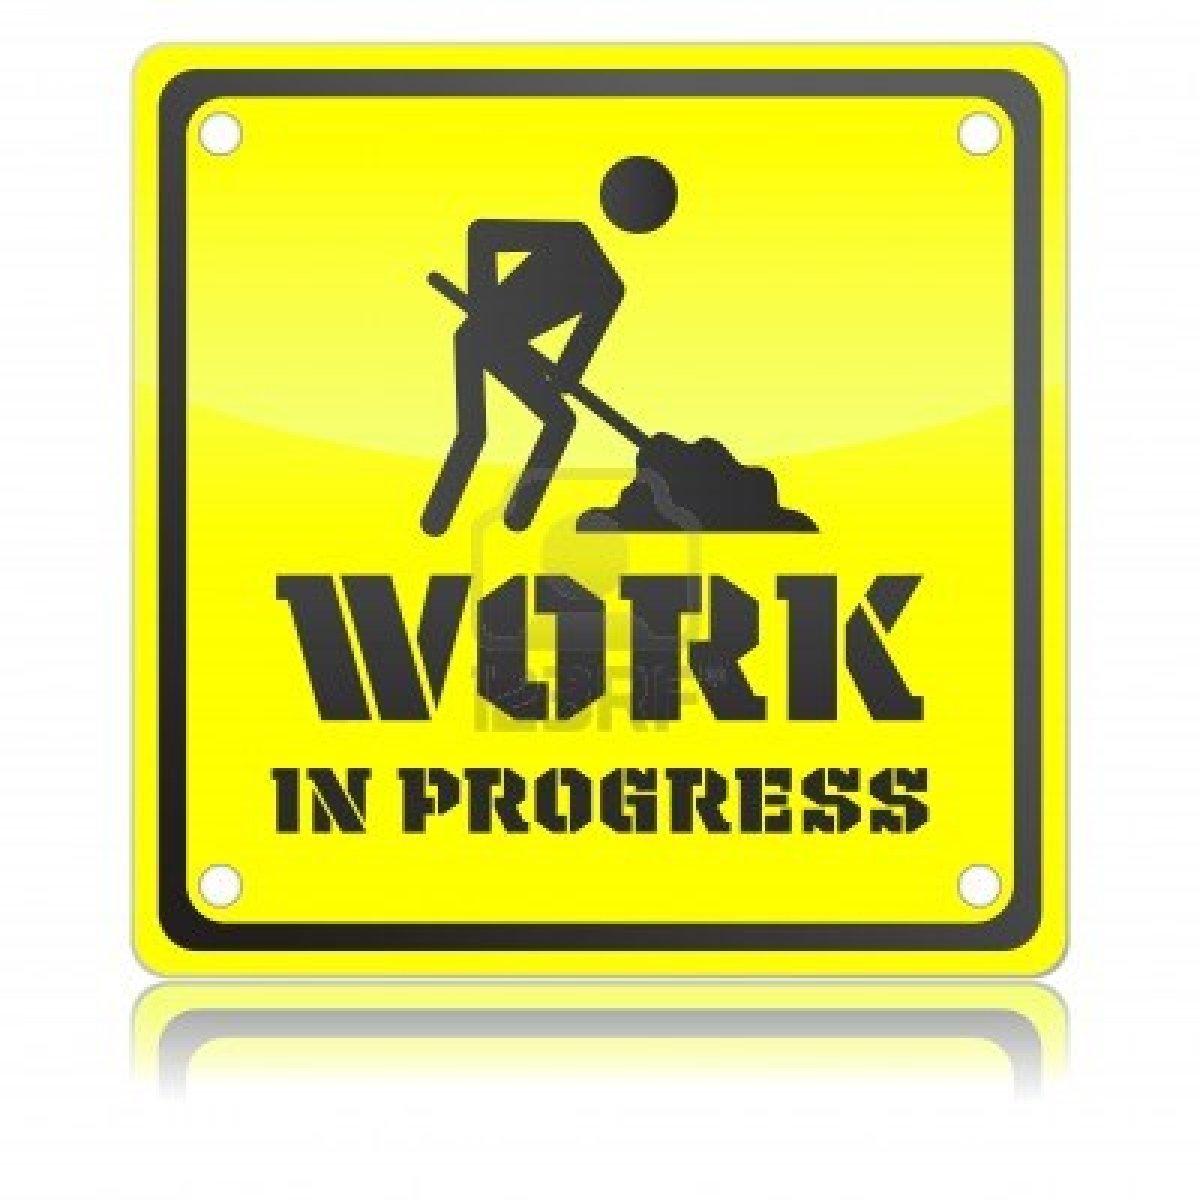 Work In Progress : The true masterpiece a work in progress momamorphosis